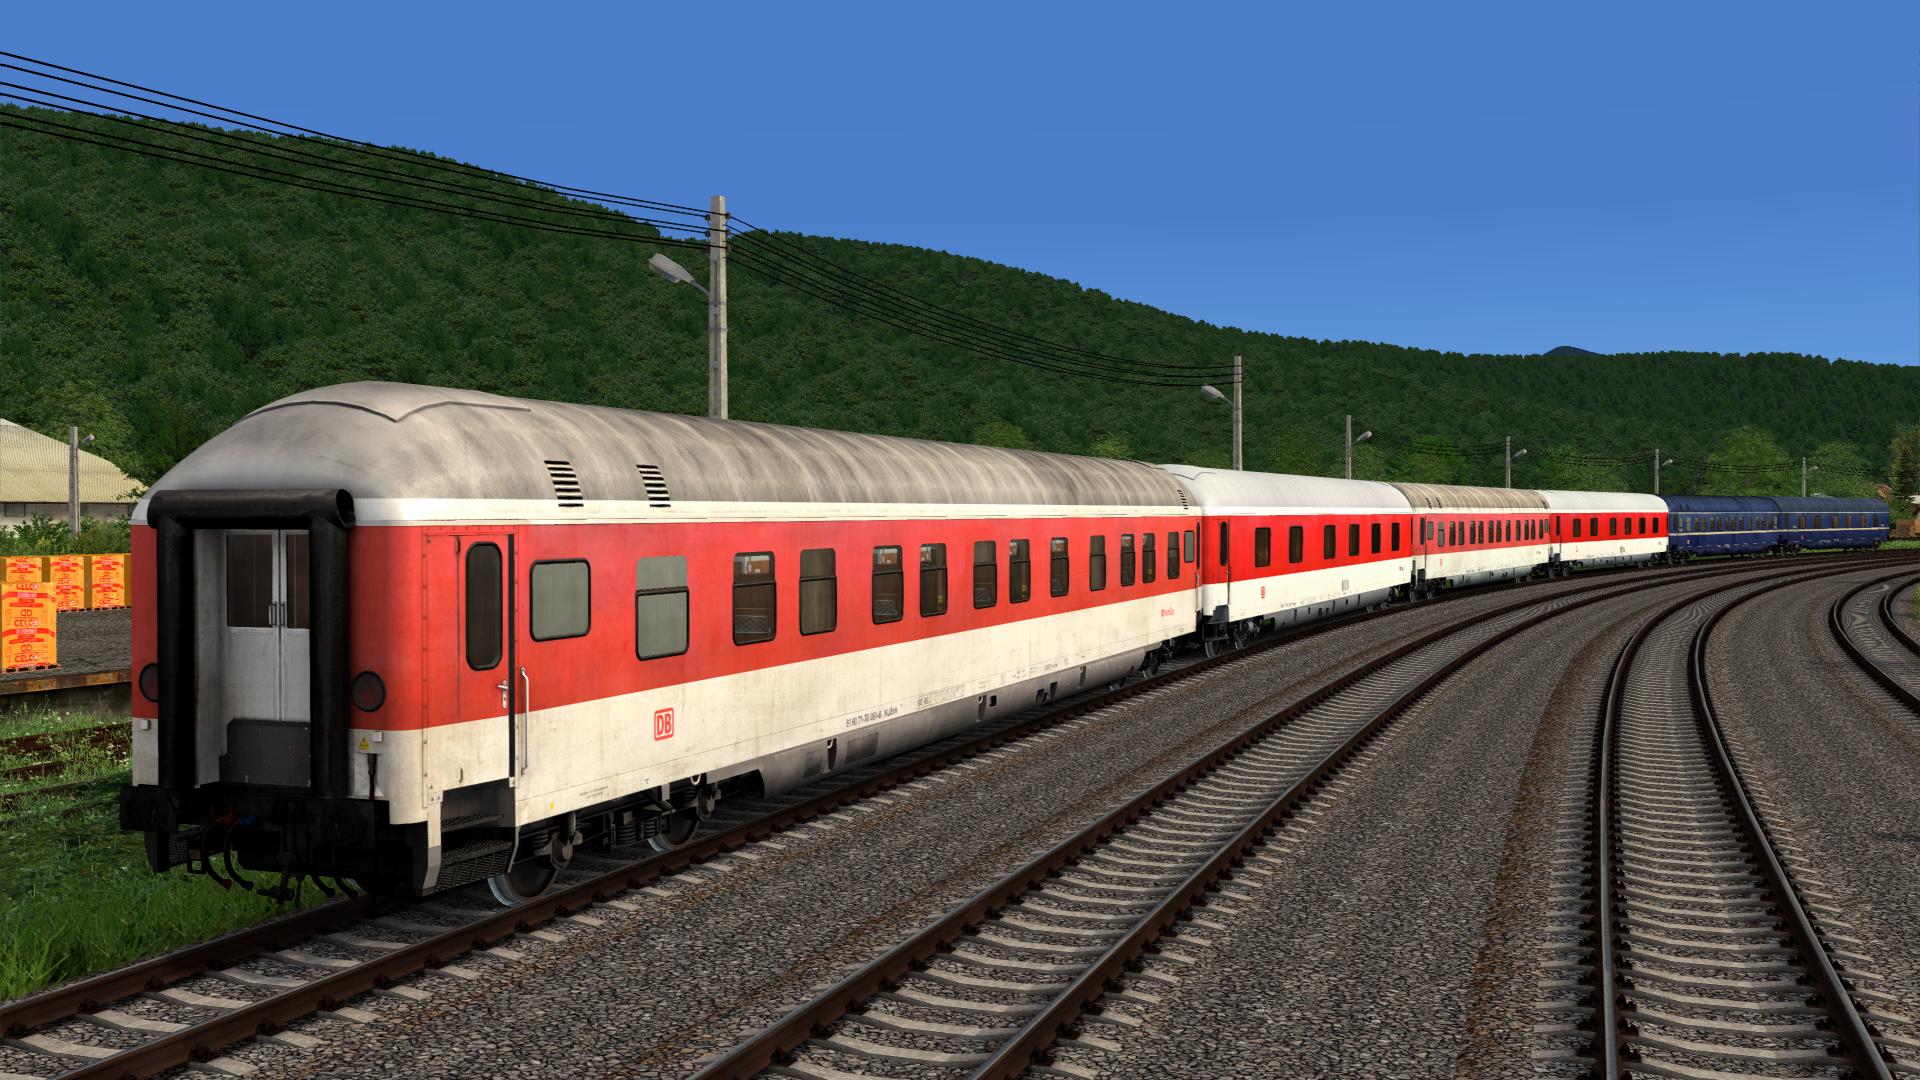 RailWorks64 2021-03-21 15-32-22